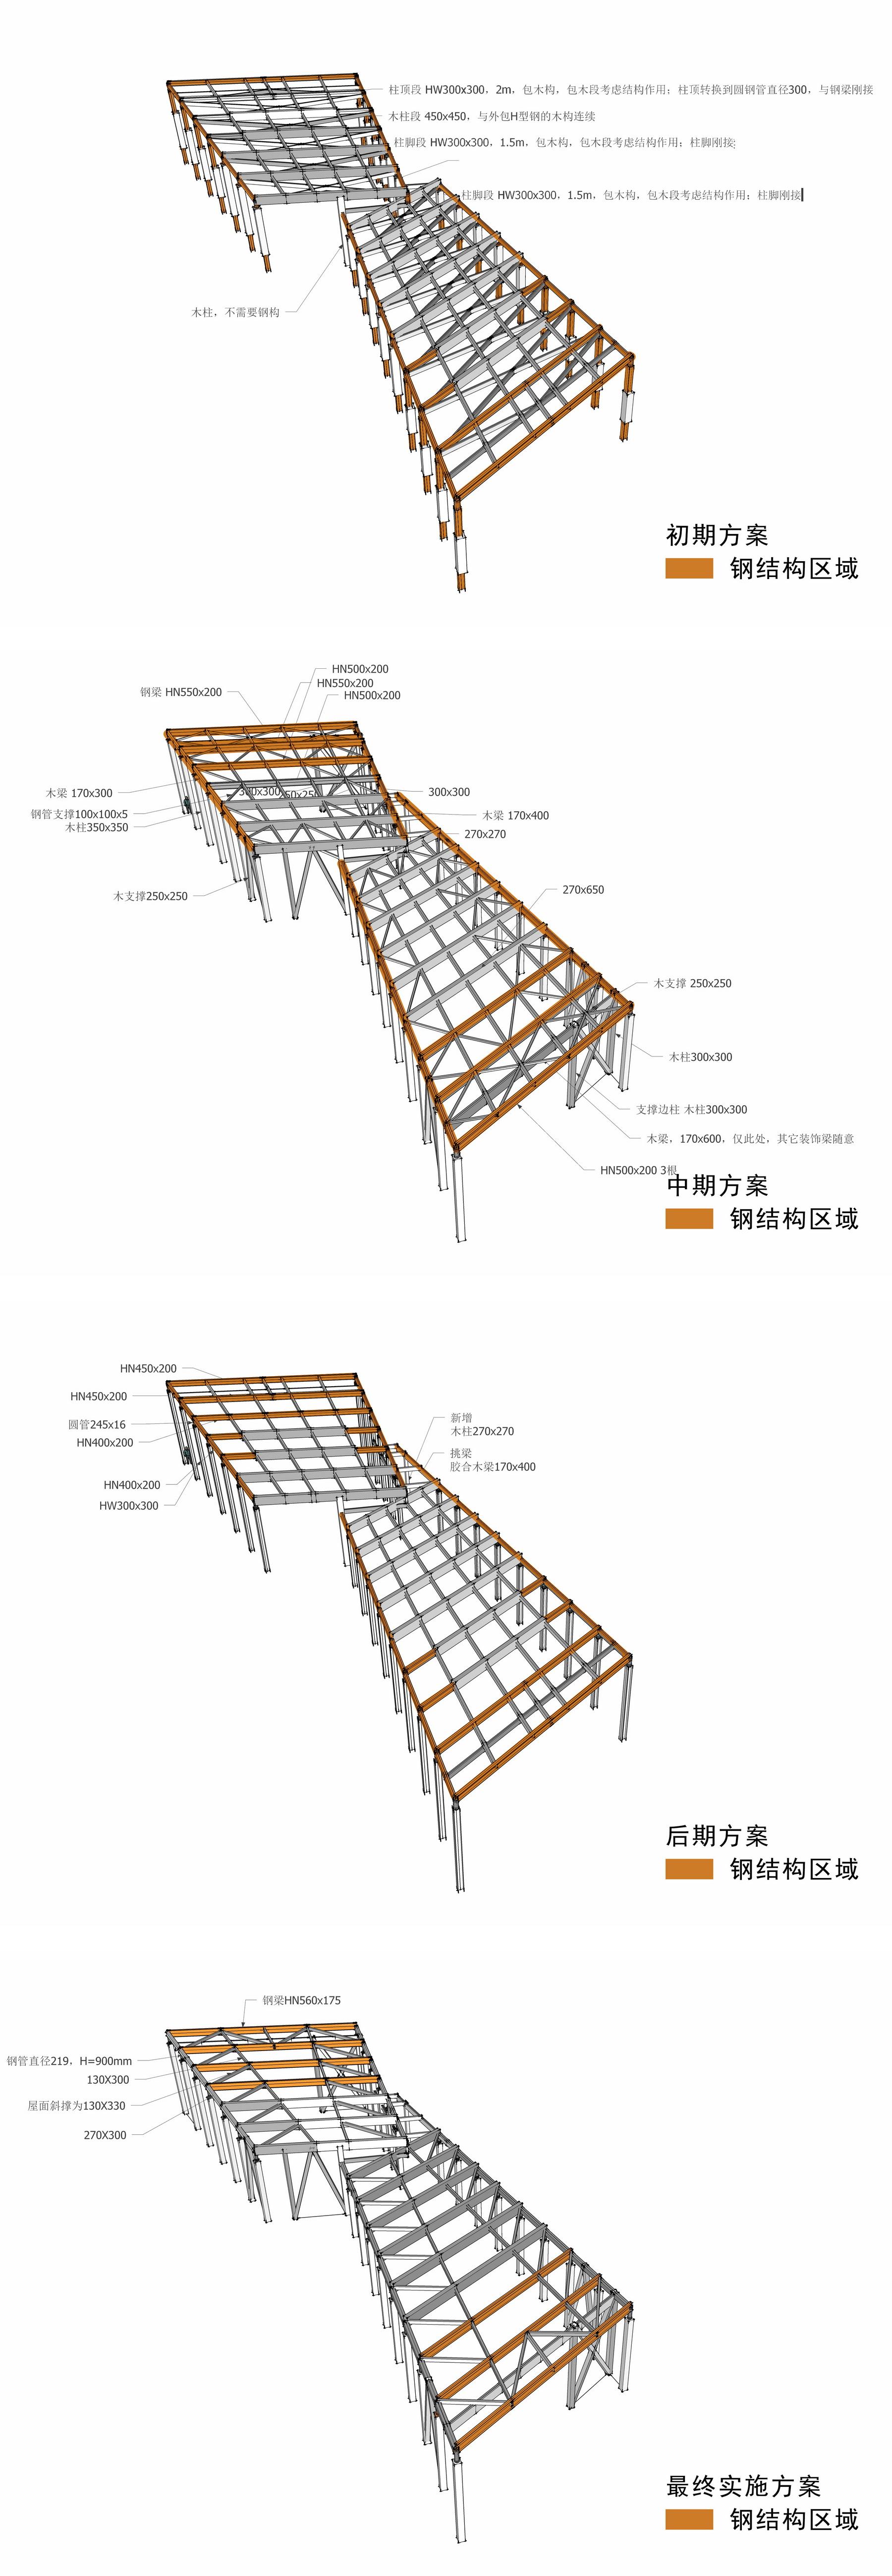 鄢陵建业君邻大院时光馆  建筑设计 /  成执建筑